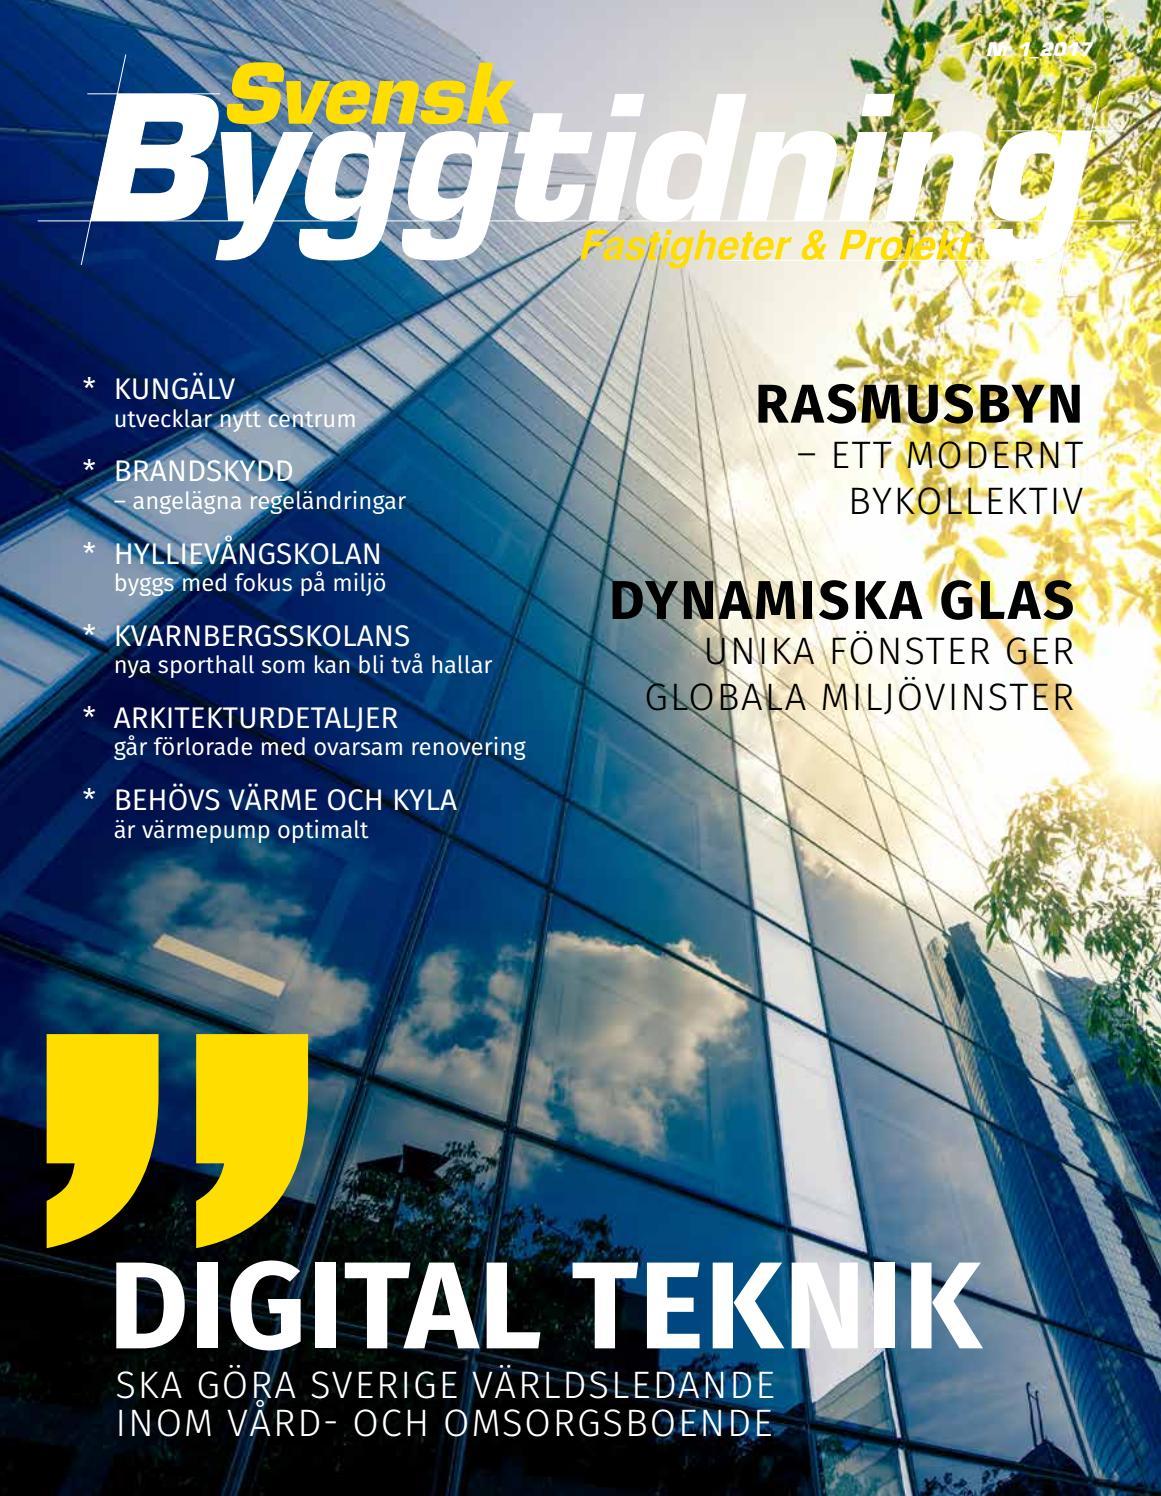 Svensk Byggtidning 1 2017 by Stordåhd Kommunikation AB - issuu 517211aff150a